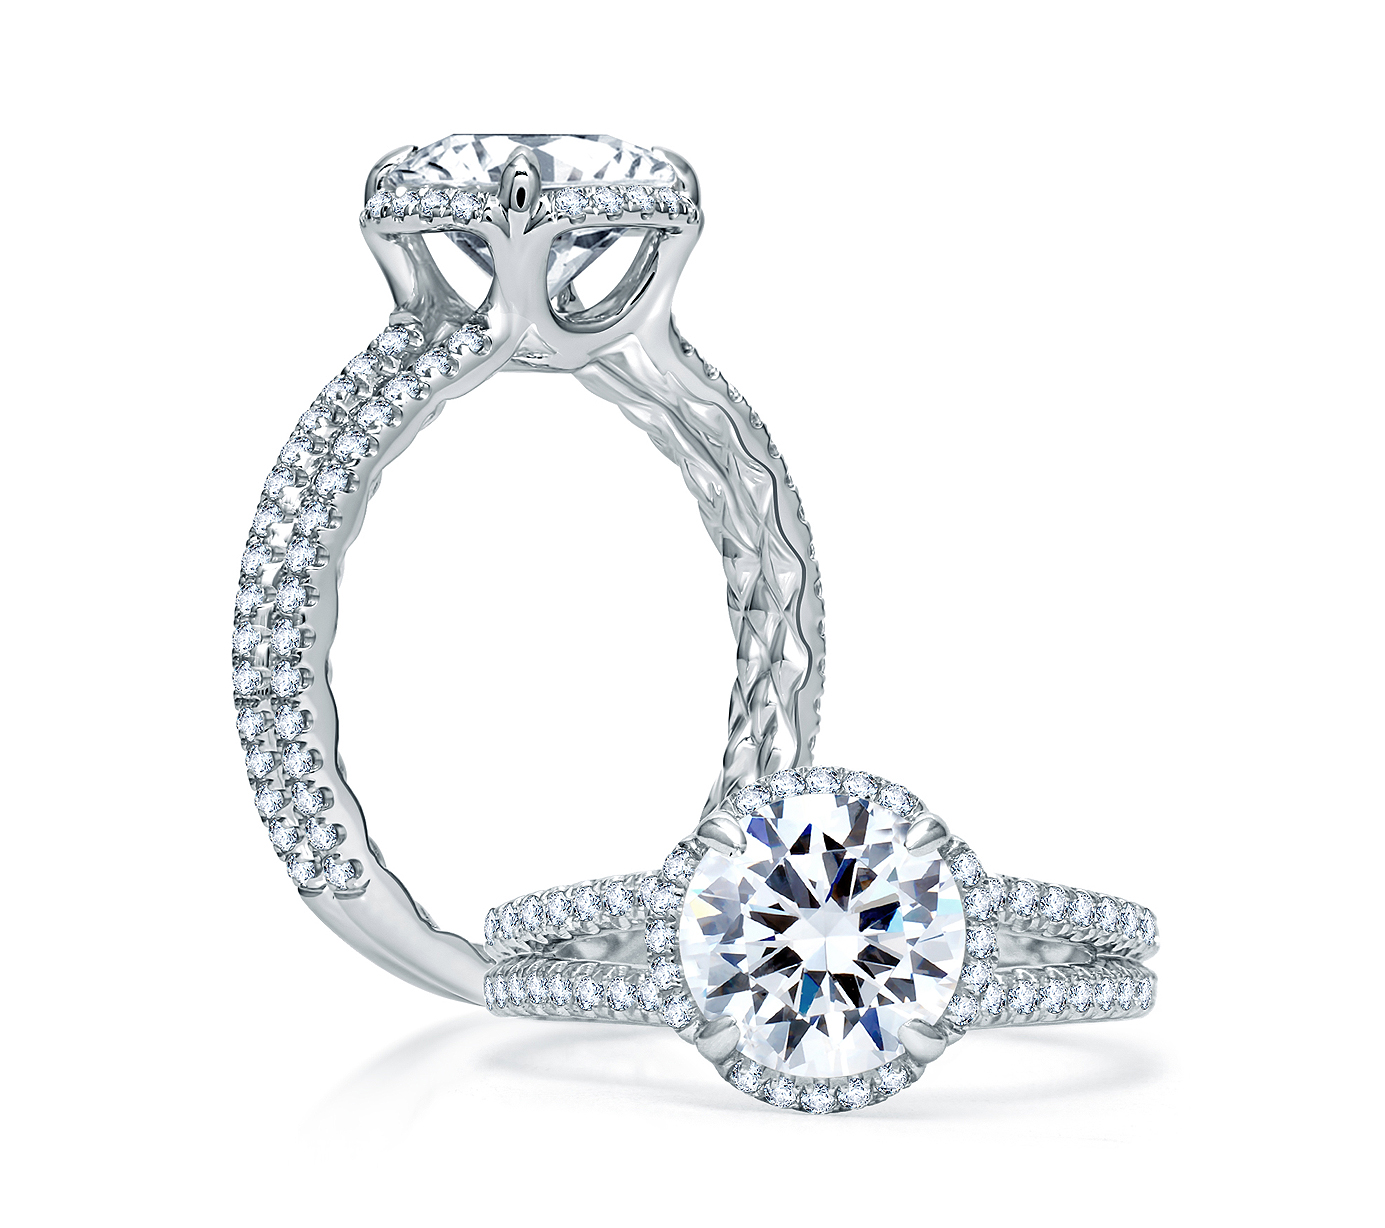 A.Jaffe Rings | Van Gundys | Ventura Jewelers